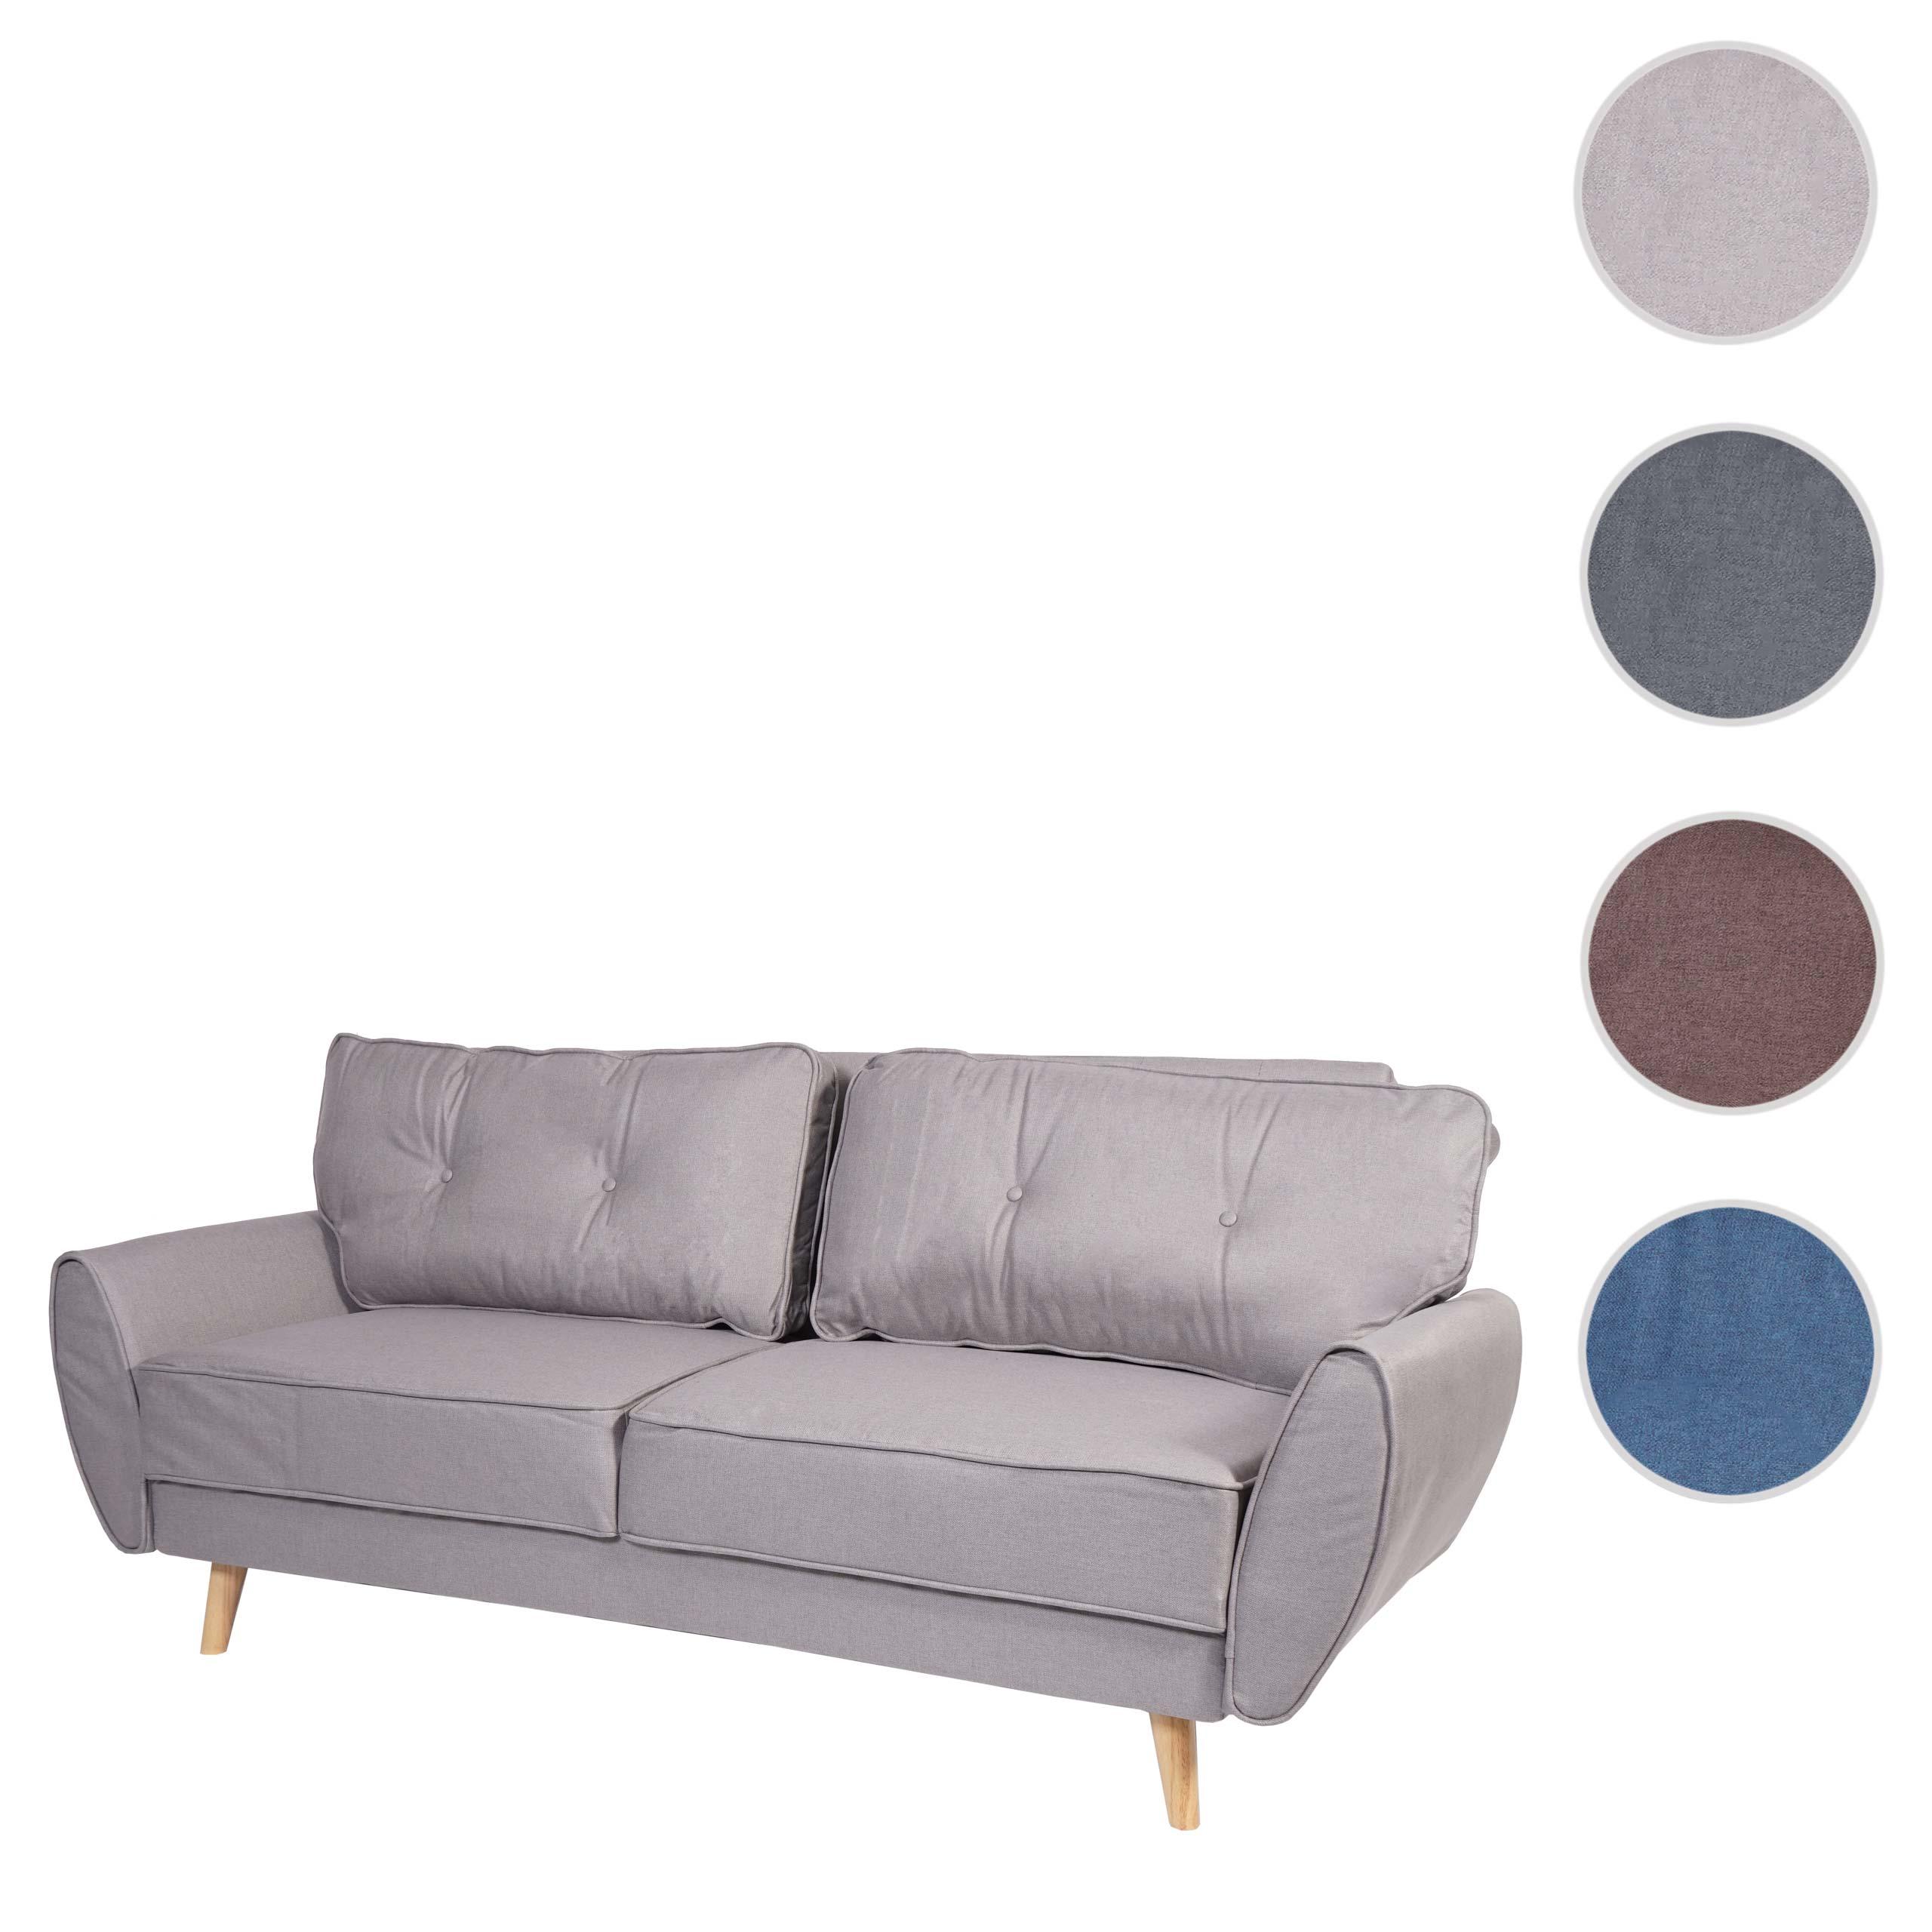 12er Sofa HWC J12, Couch Klappsofa Lounge Sofa, Schlaffunktion ~  Stoff/Textil grau